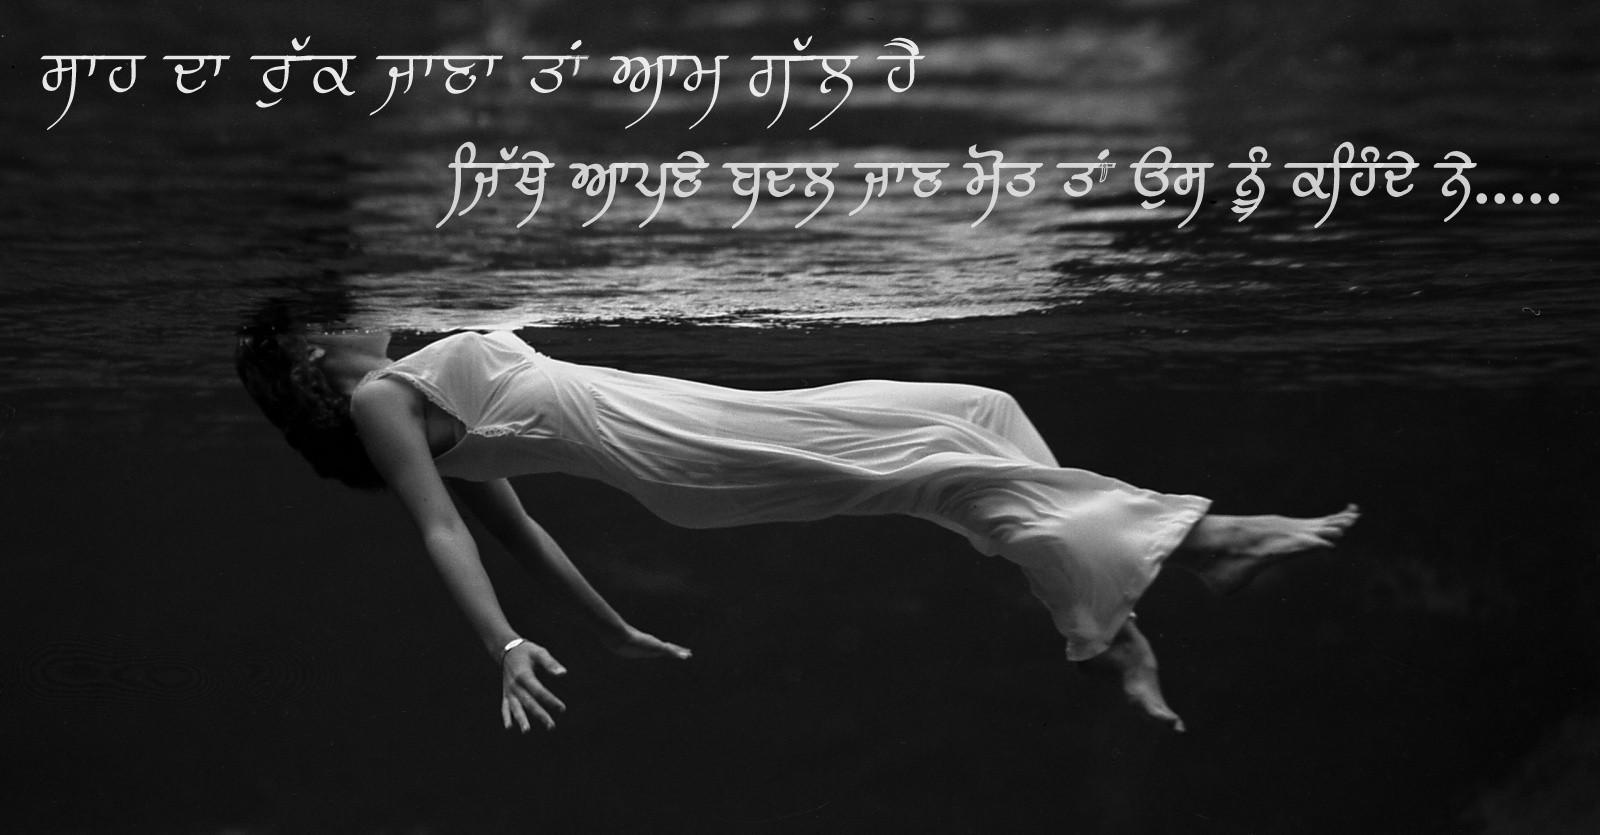 Punjabi Famous Quotes. QuotesGram